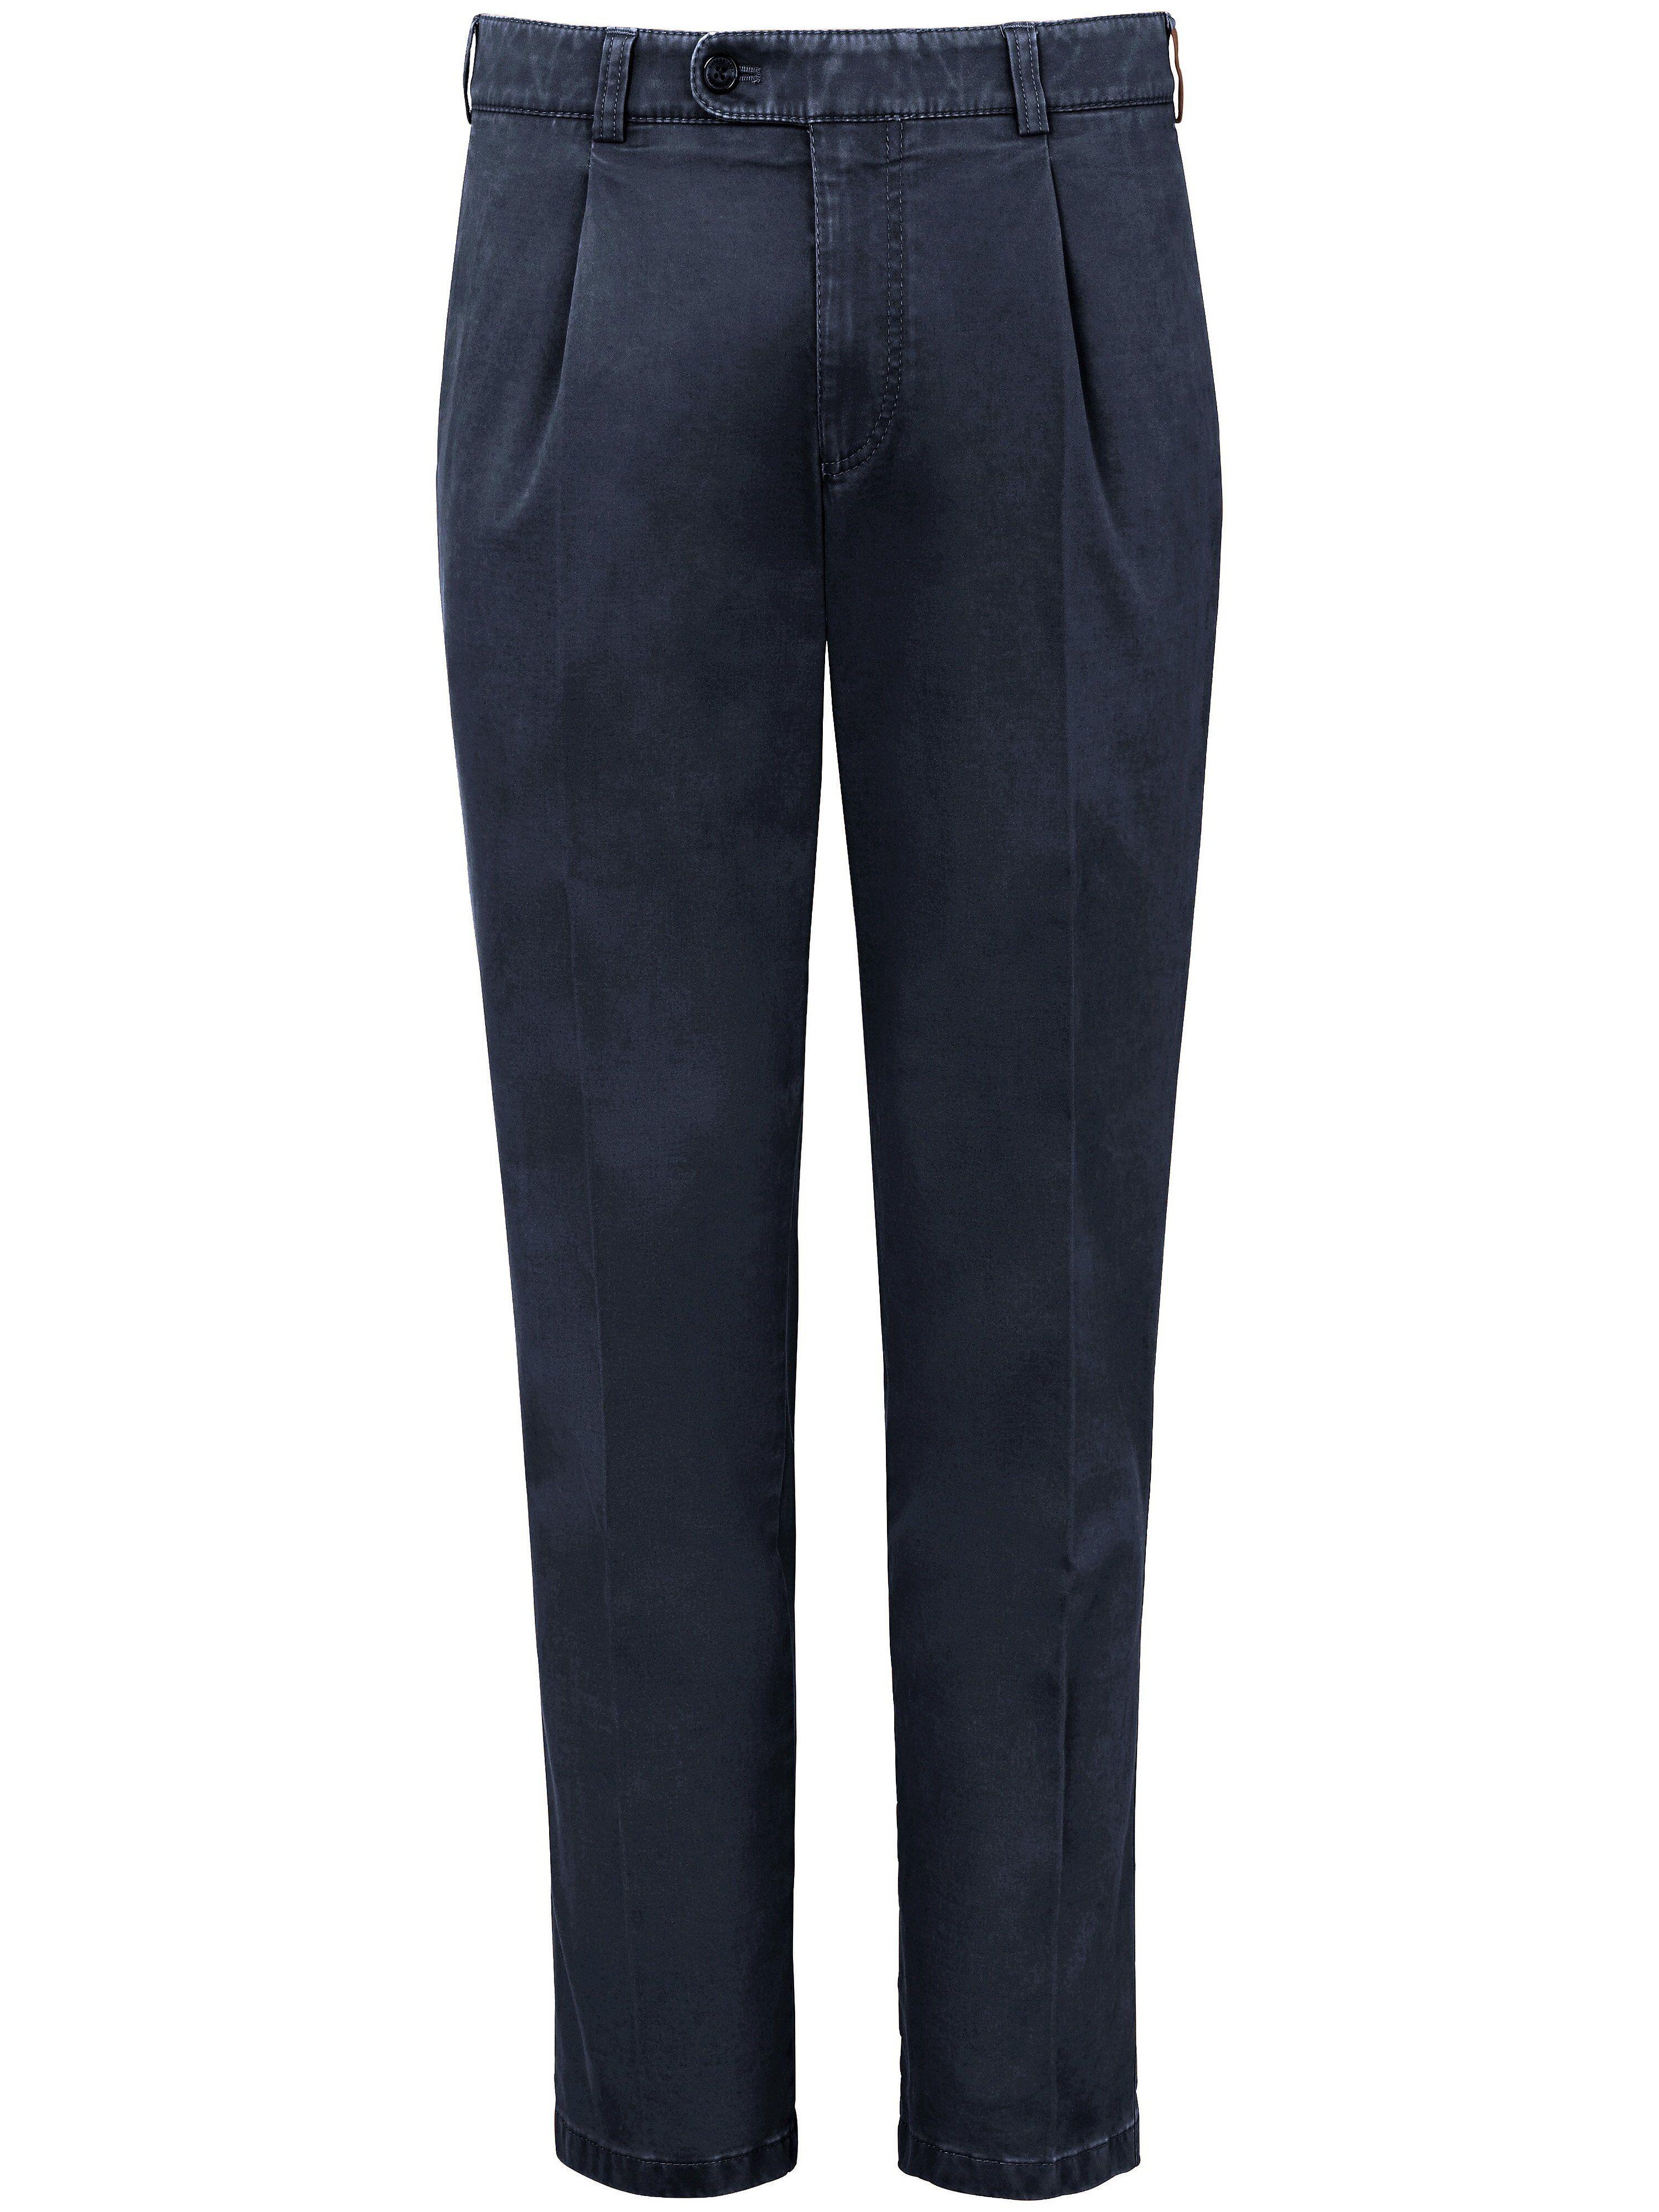 Brax Le pantalon chaud à pinces modèle Luis  Eurex by Brax denim  - Homme - 27